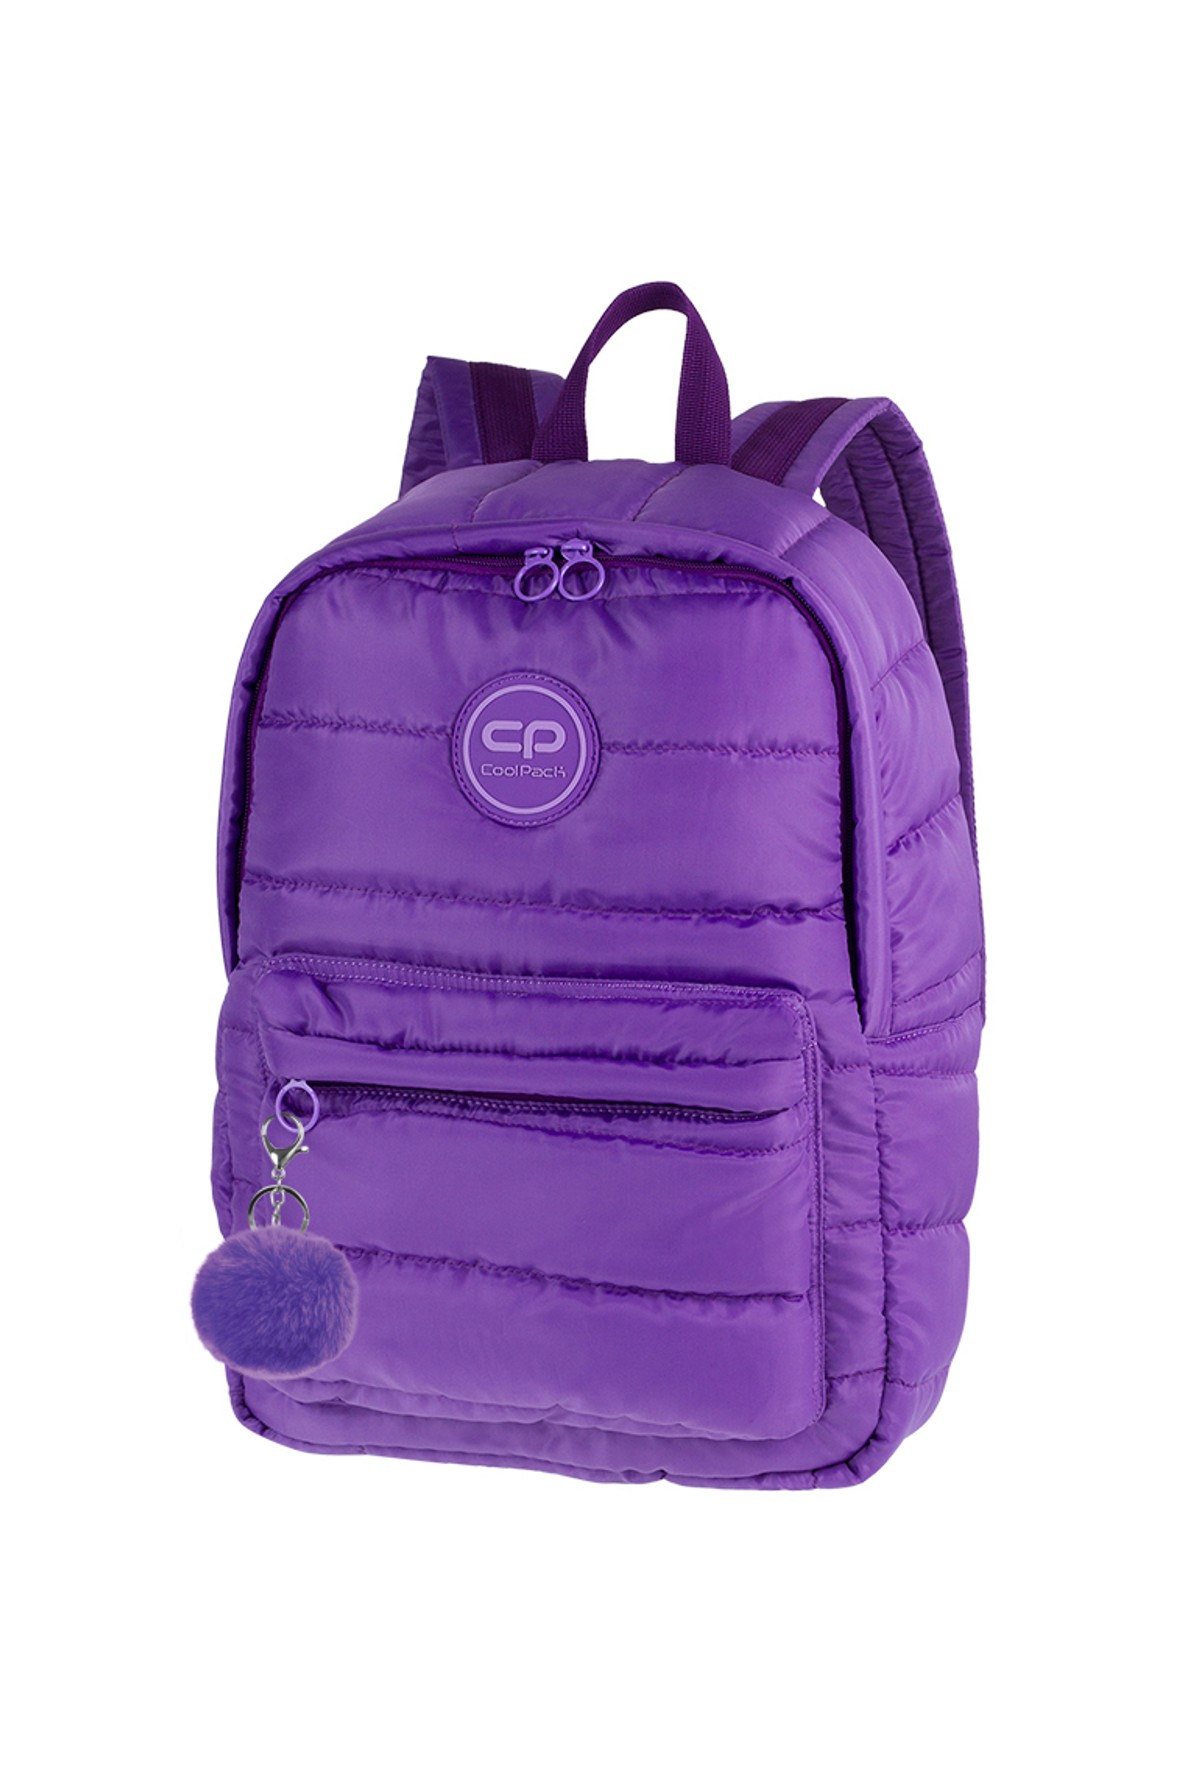 Plecak młodzieżowy Ruby fioletowy pikowany